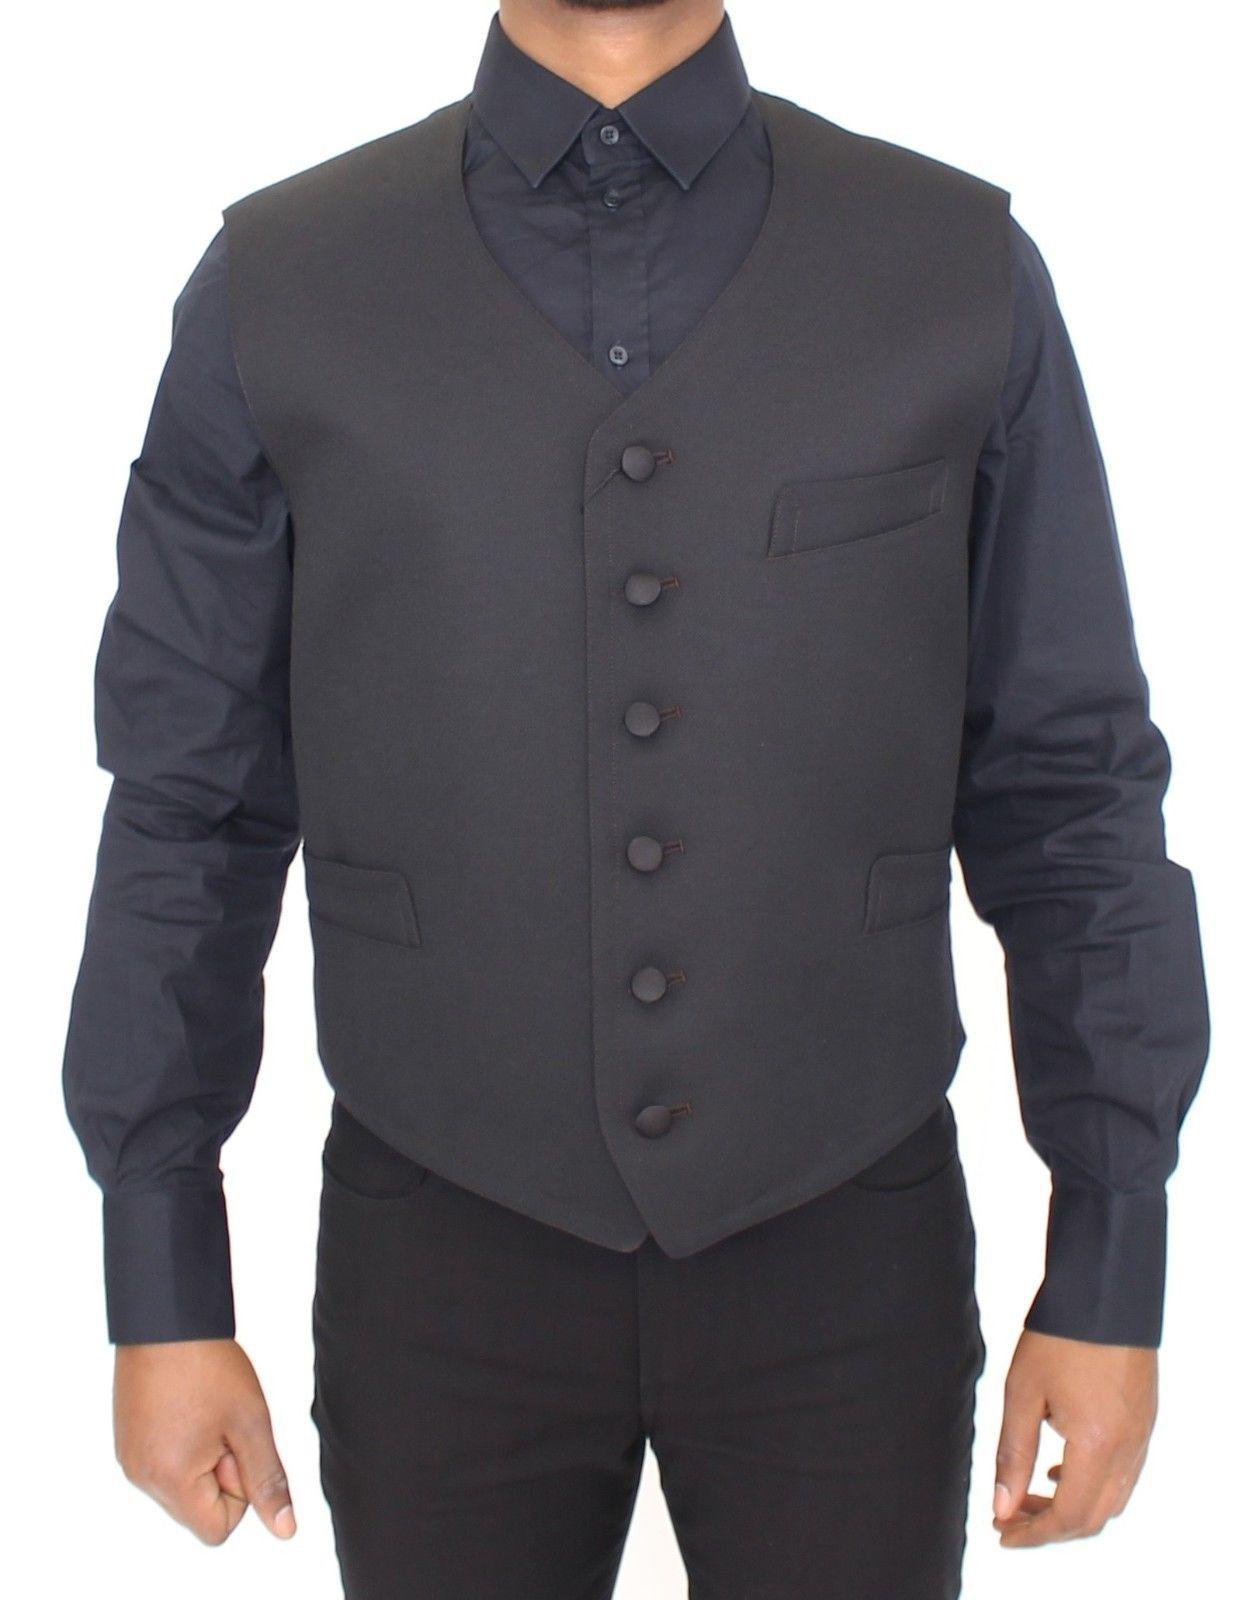 Dolce & Gabbana Black Wool Formal Dress Vest Gilet Jacket